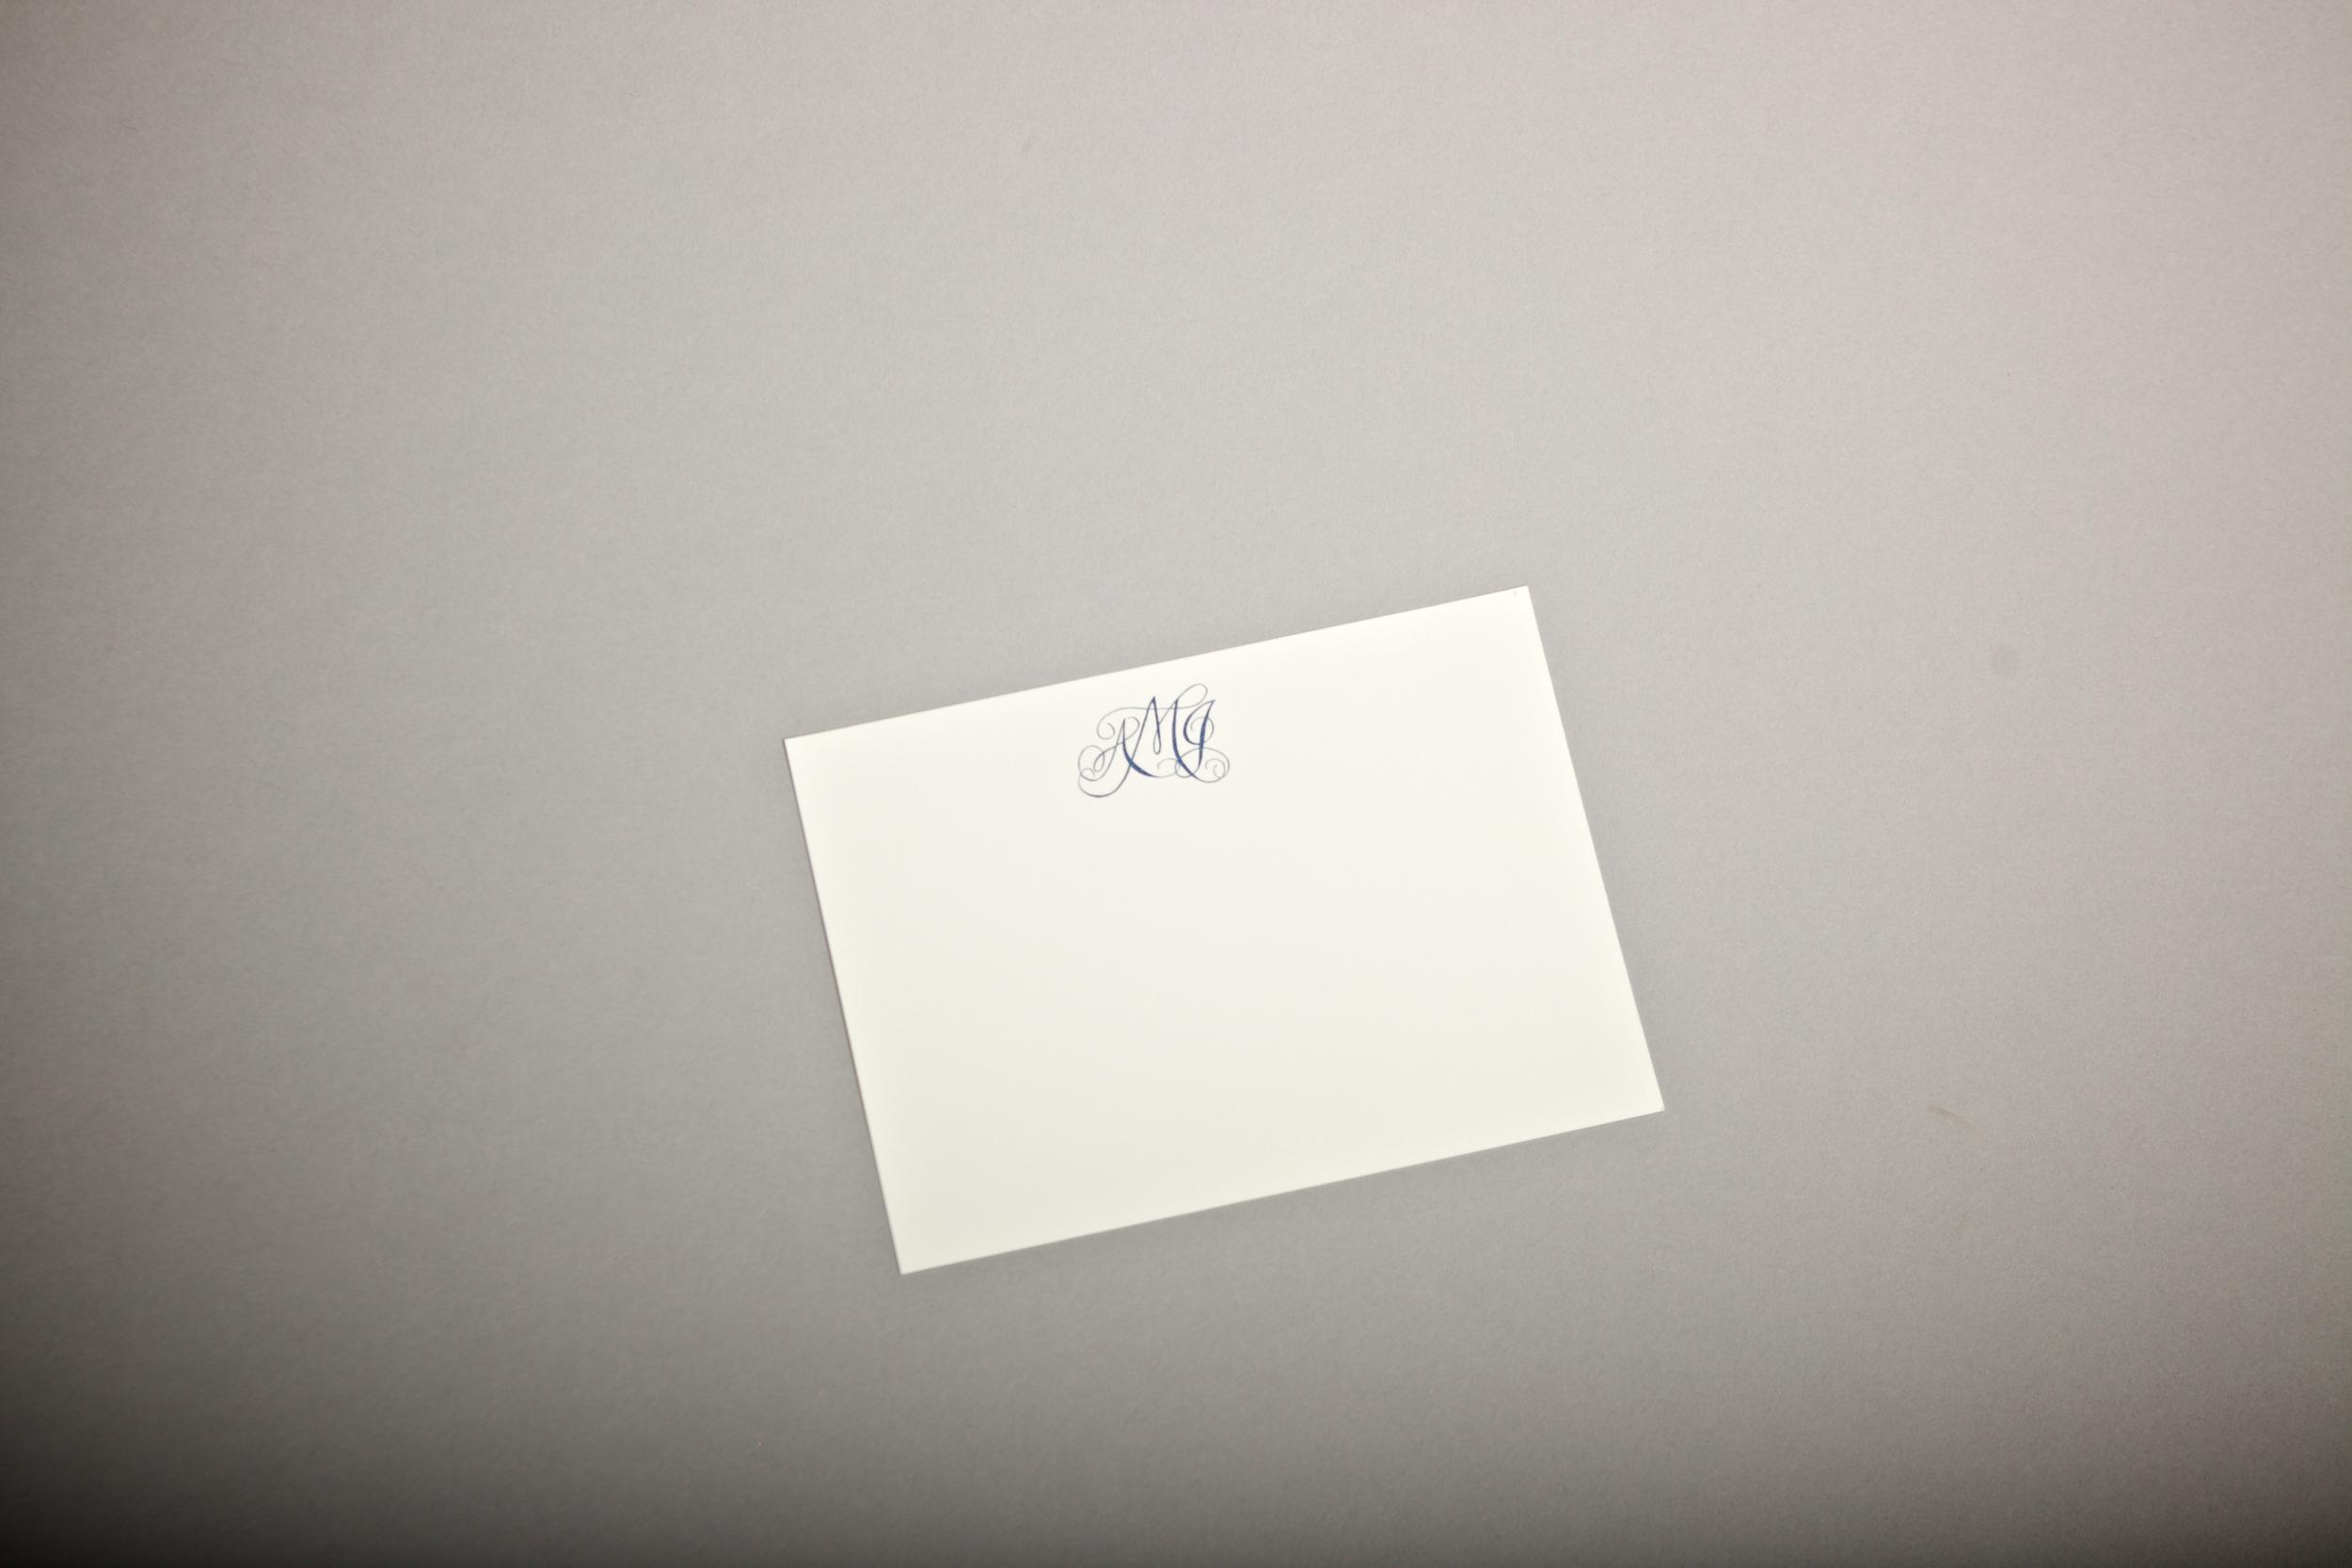 handdmadepapers  067.jpg